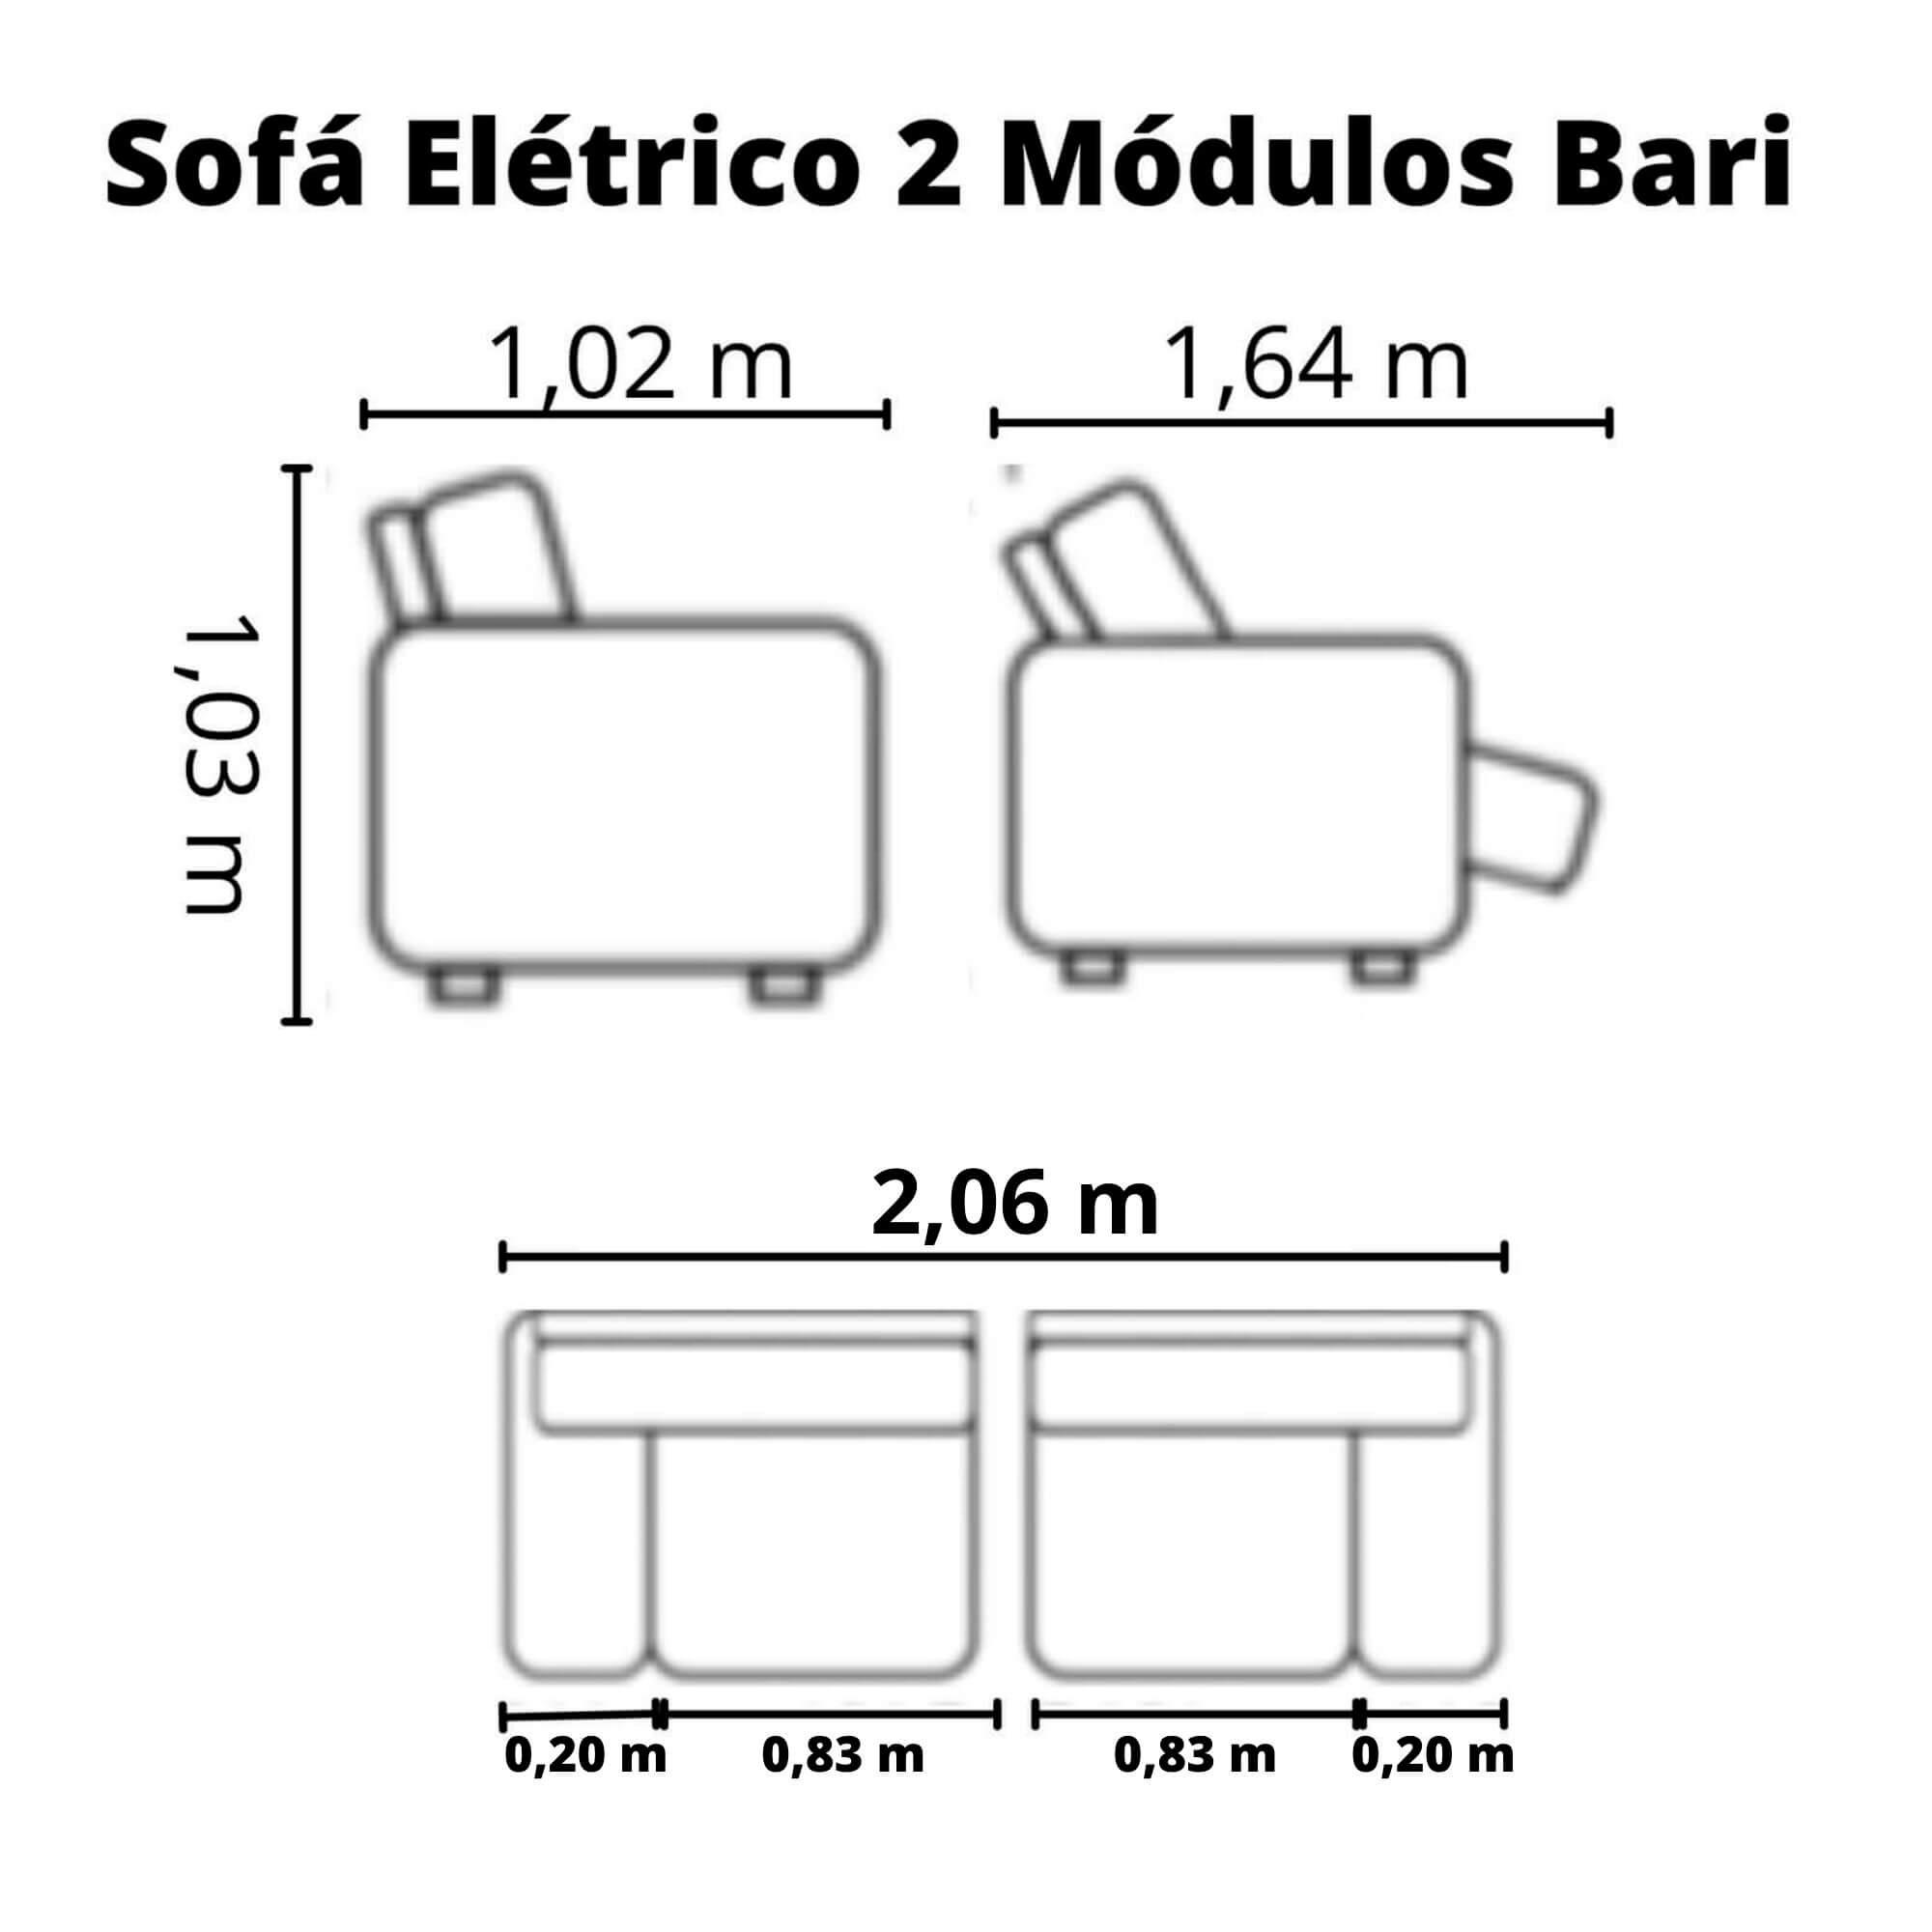 Sofá Retrátil Elétrico de Couro 206cm - Bari Off White com Costura Cinza